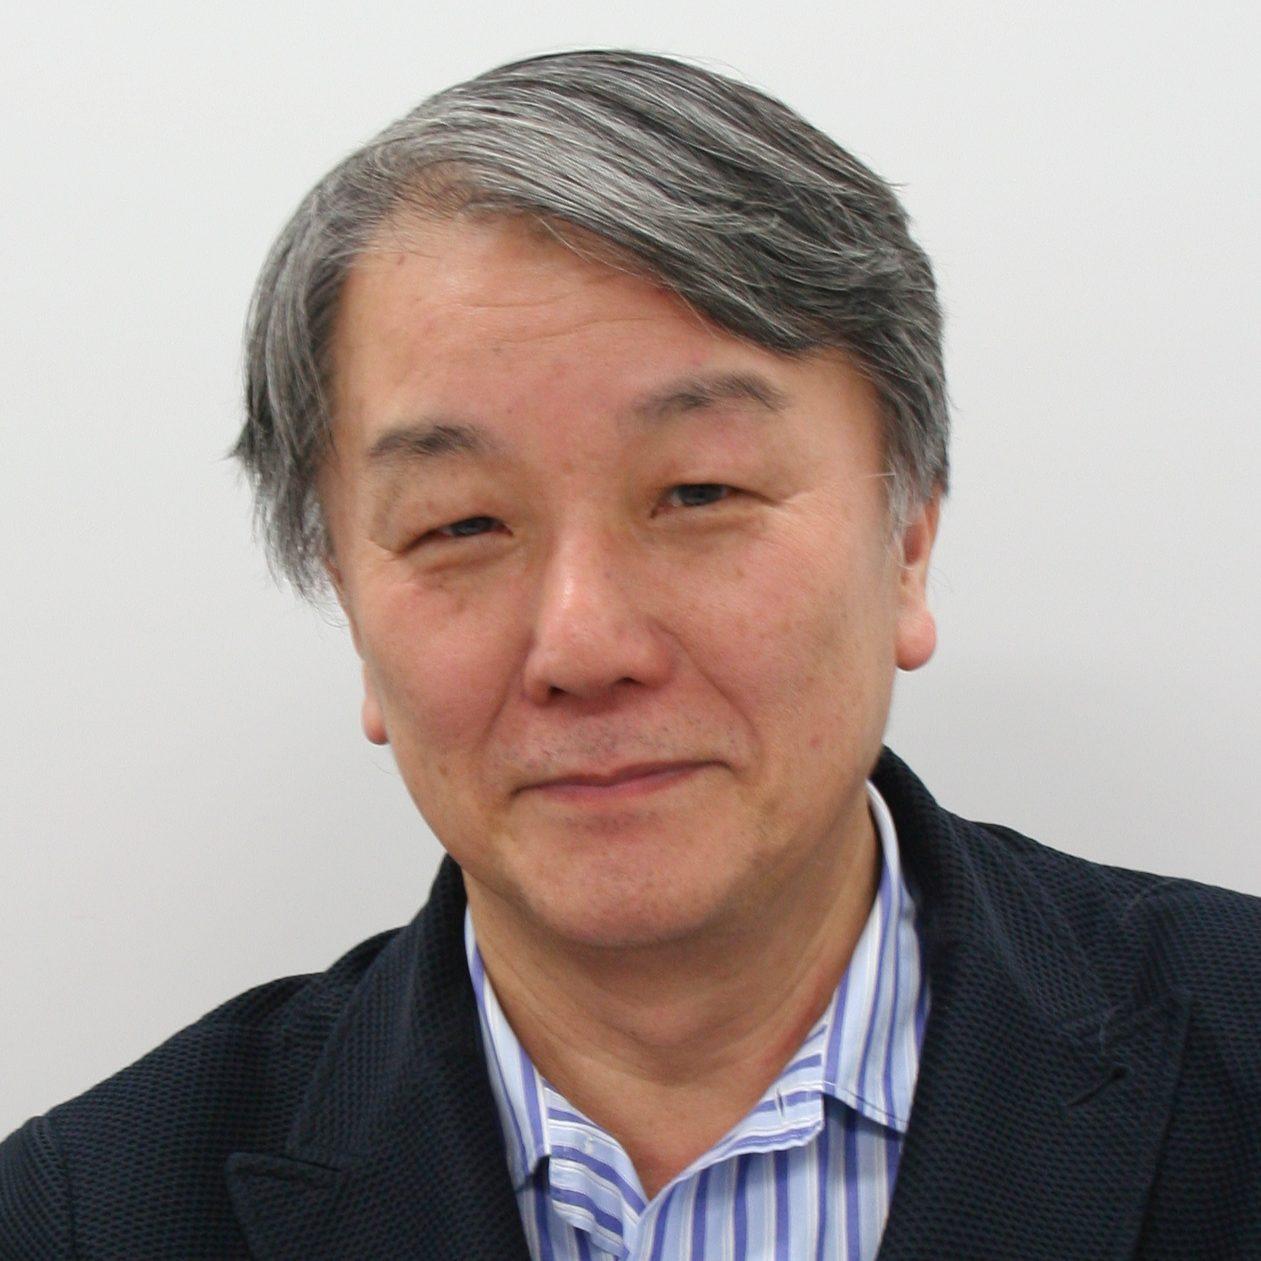 ▲政府が招集したIR推進会議のメンバー、大阪商業大学の美原融 教授は、「1兆円規模と言われる投資額の調達が、日本の企業では難しい」と話す。